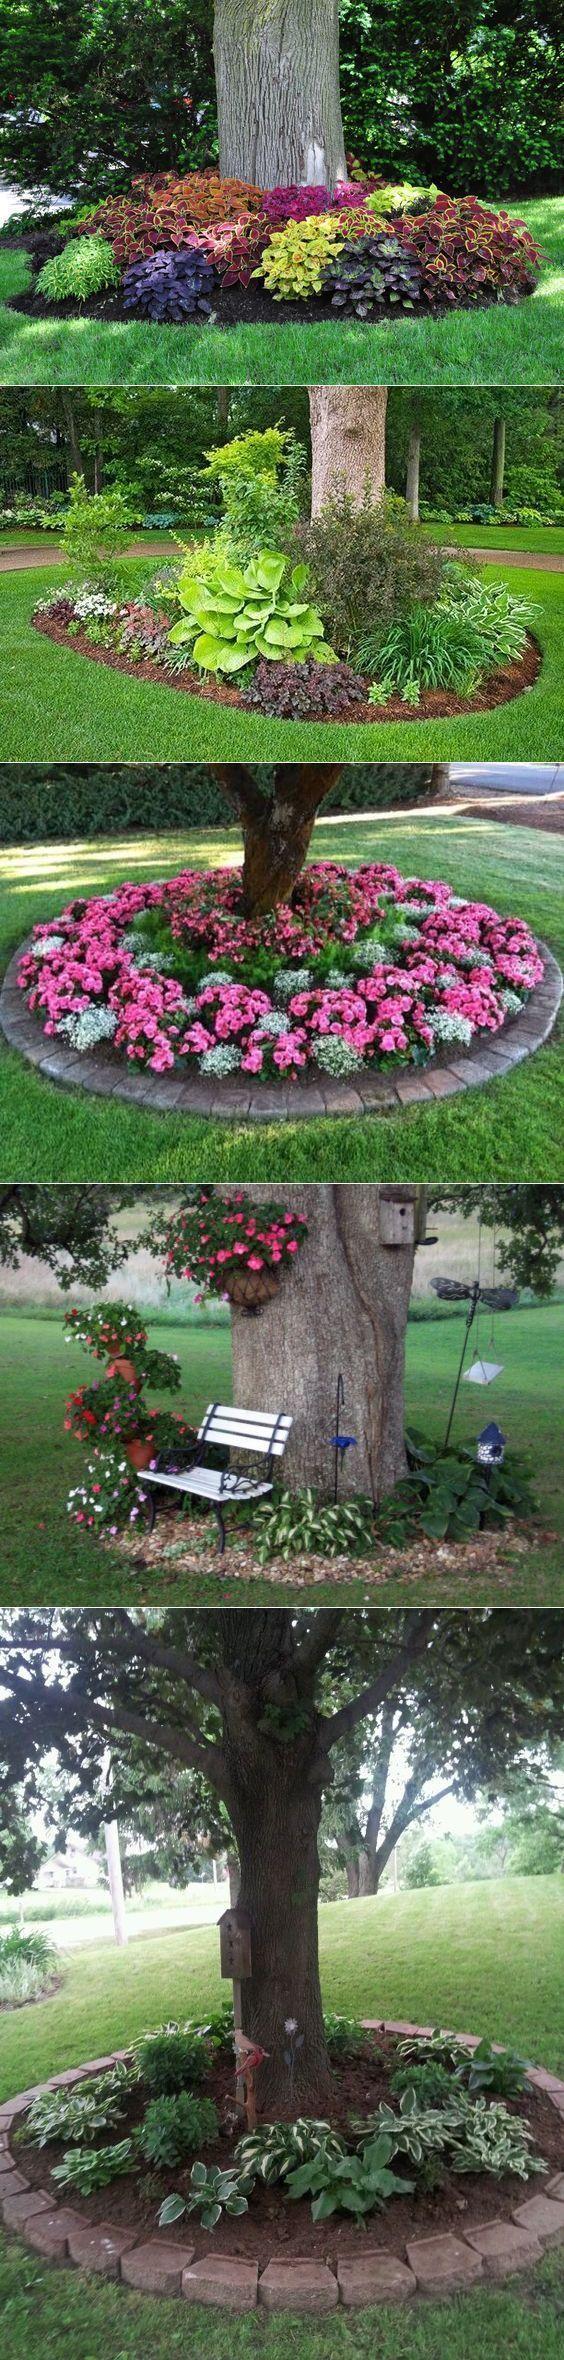 Front Yard Landscaping Ideas – Arbusti e alberi si uniscono per un suggestivo, grande …